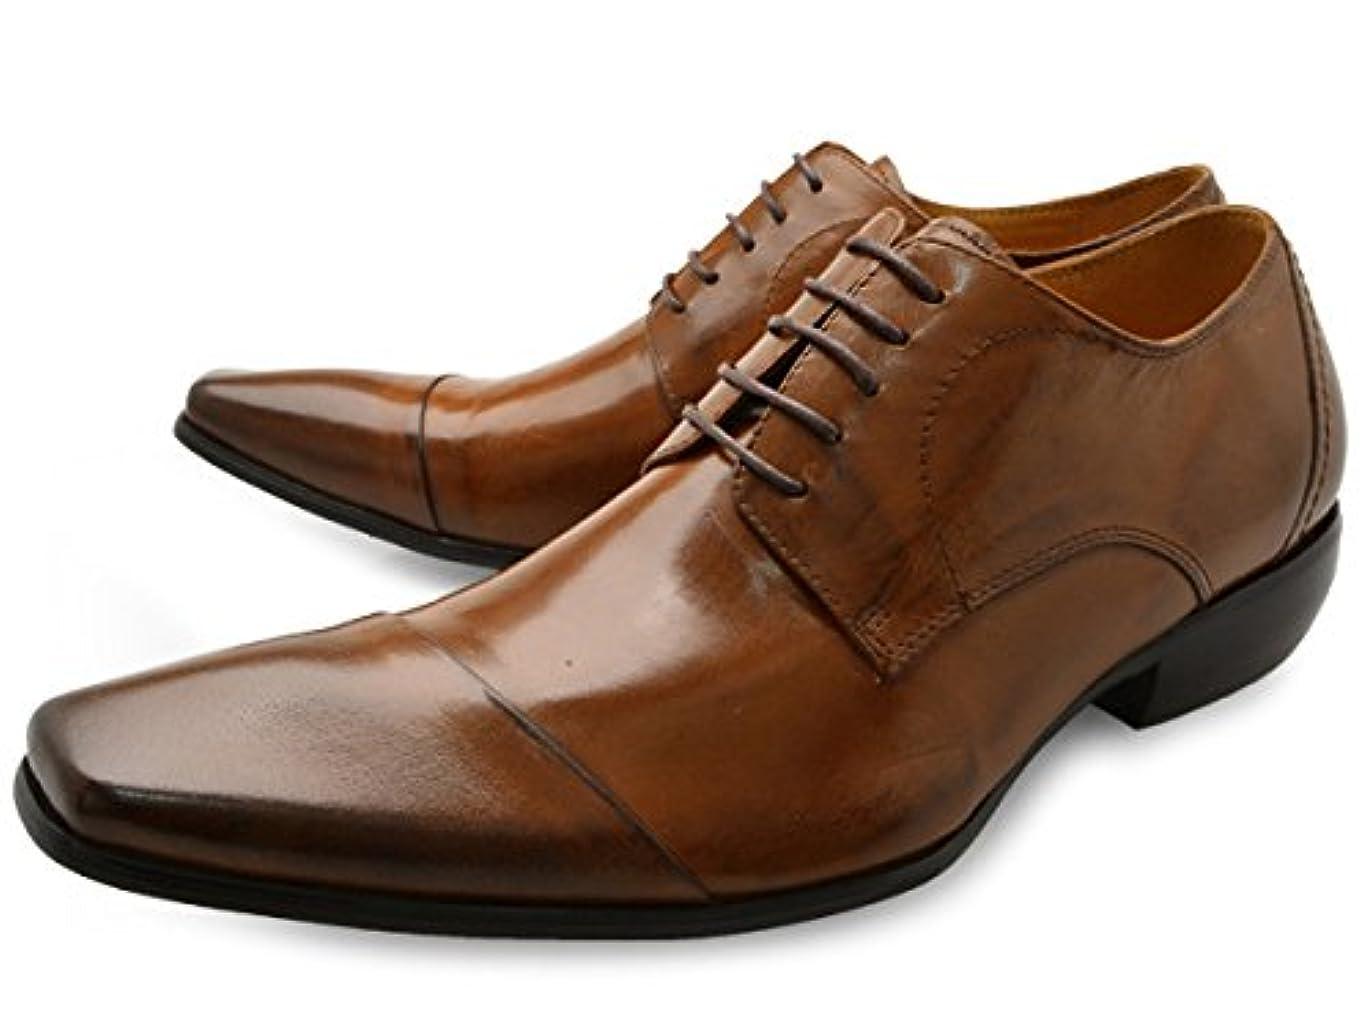 階段施設販売計画[ バンプ アンド グラインド ] Bump N' GRIND bg-4000 ロングノーズ ビジネスシューズ 外羽根 紐タイプ メンズ [ 茶 ブラウン 本革 レザー ] BROWN LEATHER 革靴 紳士靴 ドレスシューズ